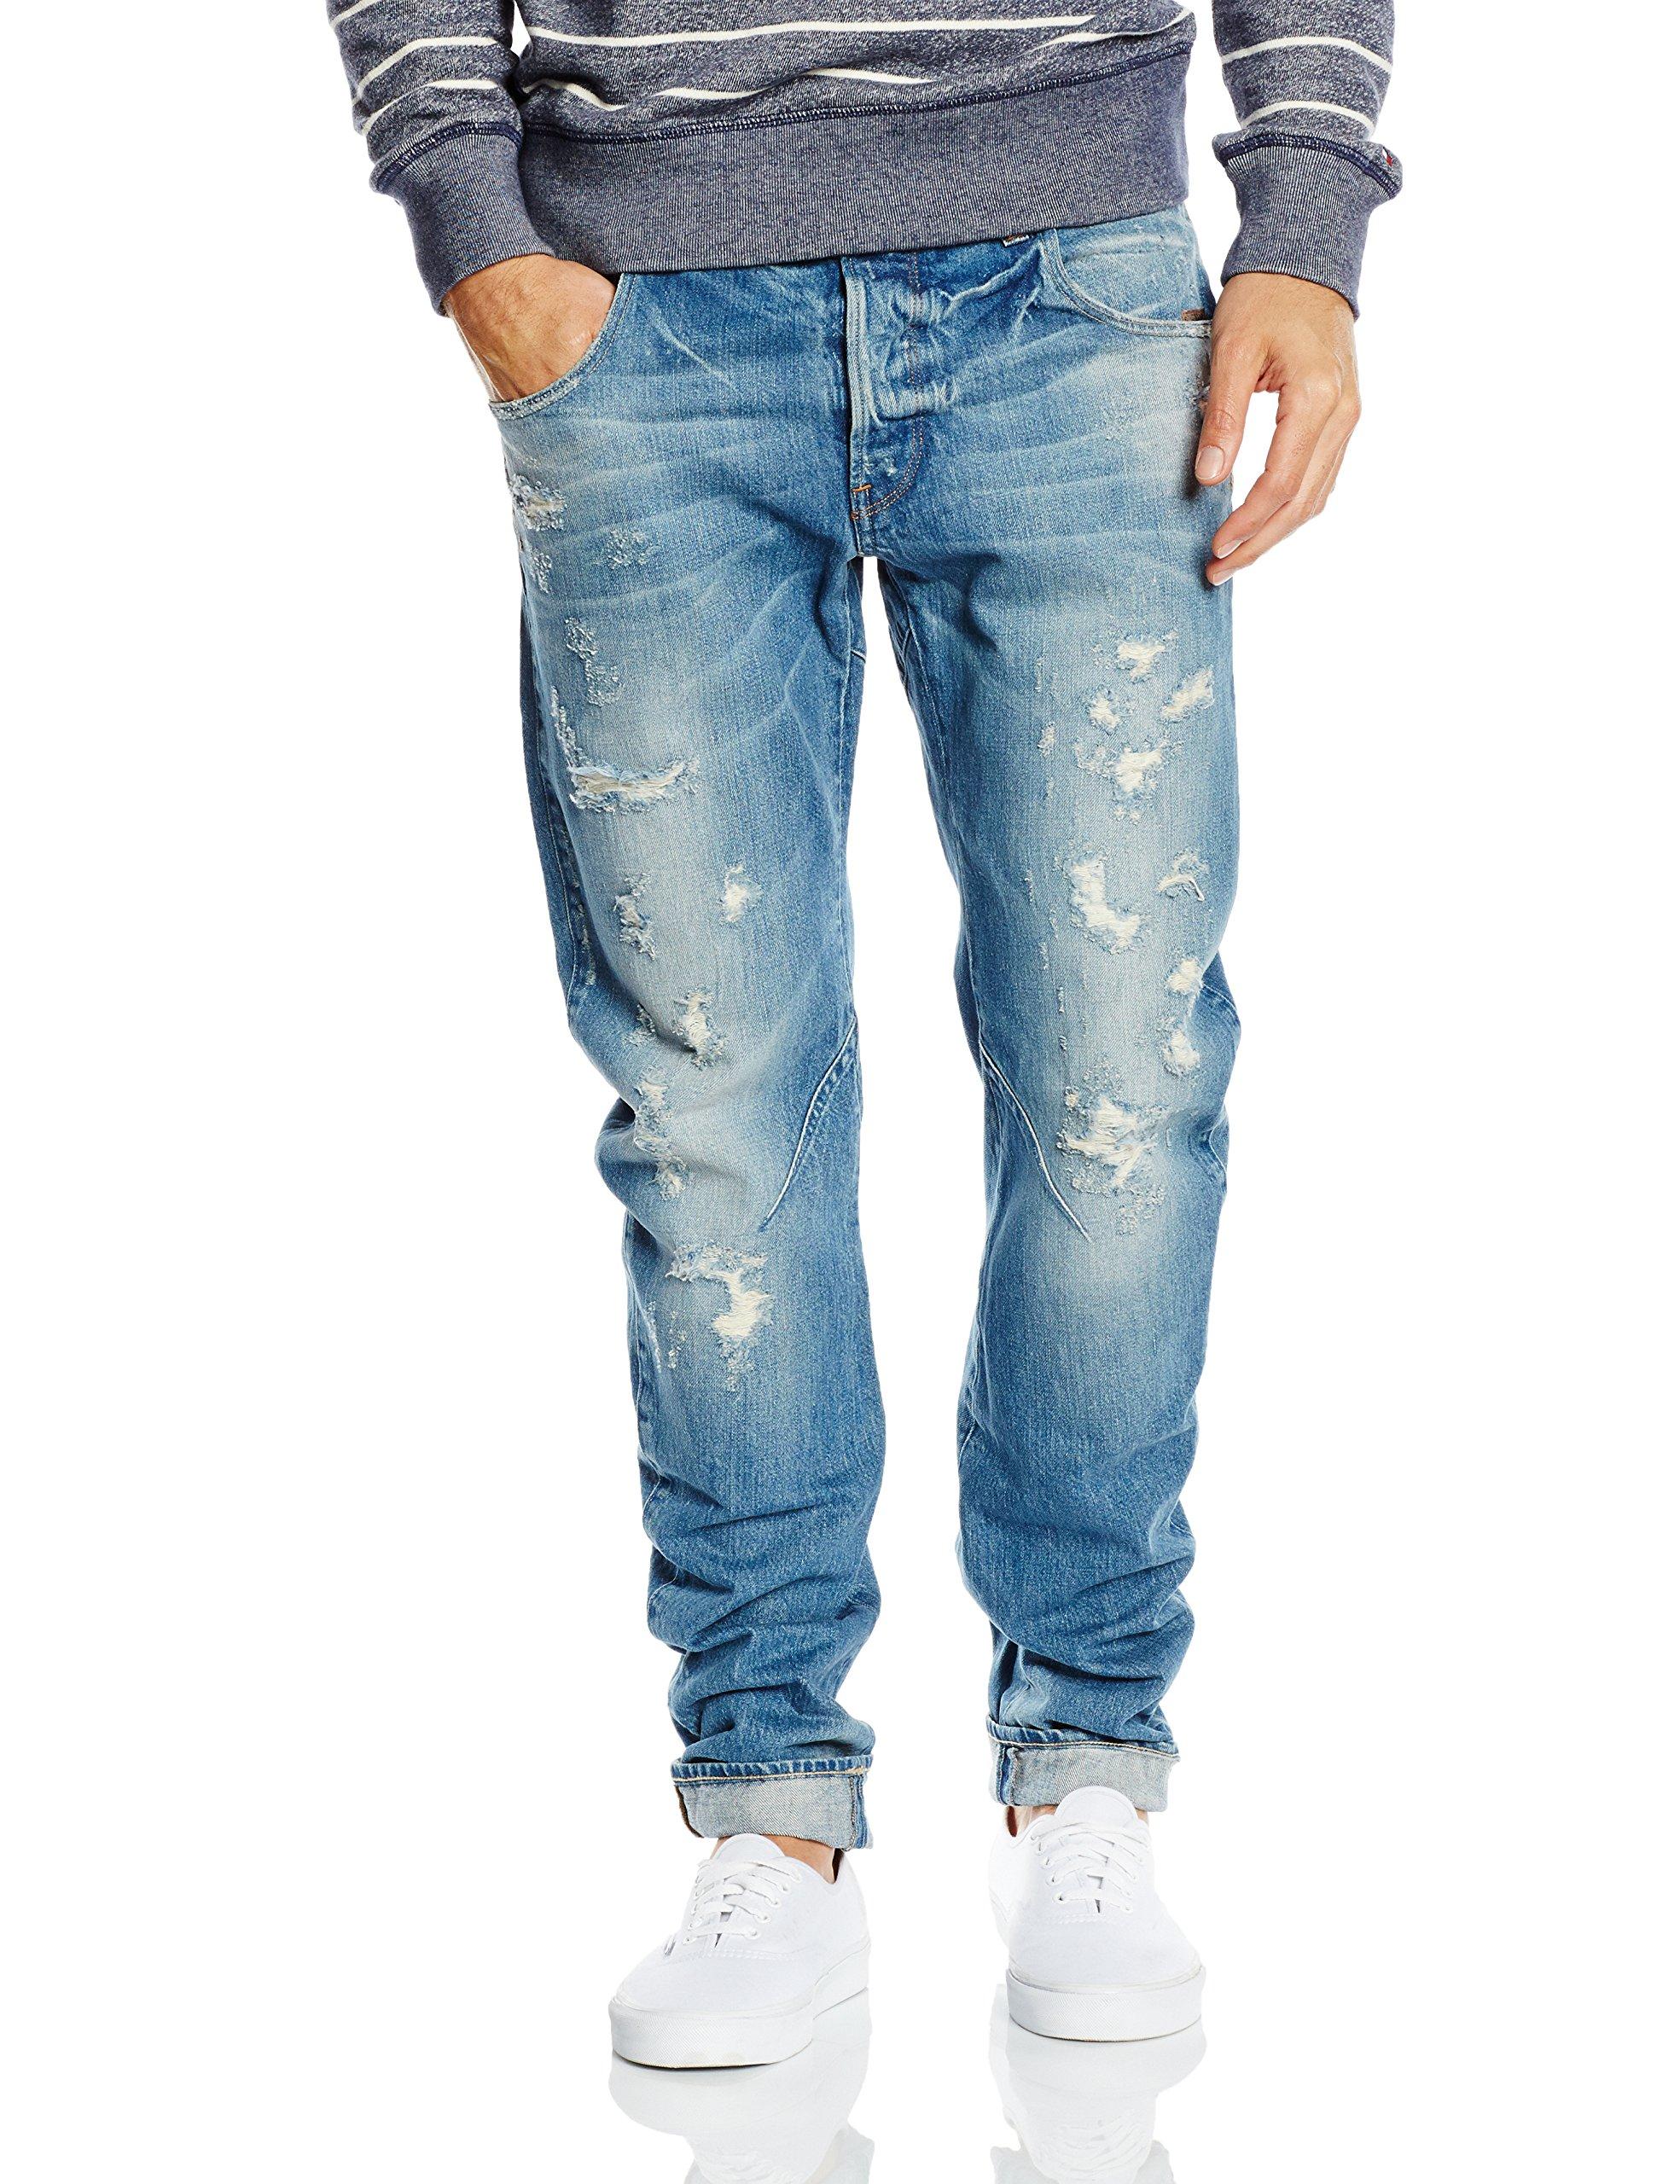 7113 3d 564133w34l Raw star Homme G Arc Slim Restored JeansBleumedium Aged WDH2YE9I